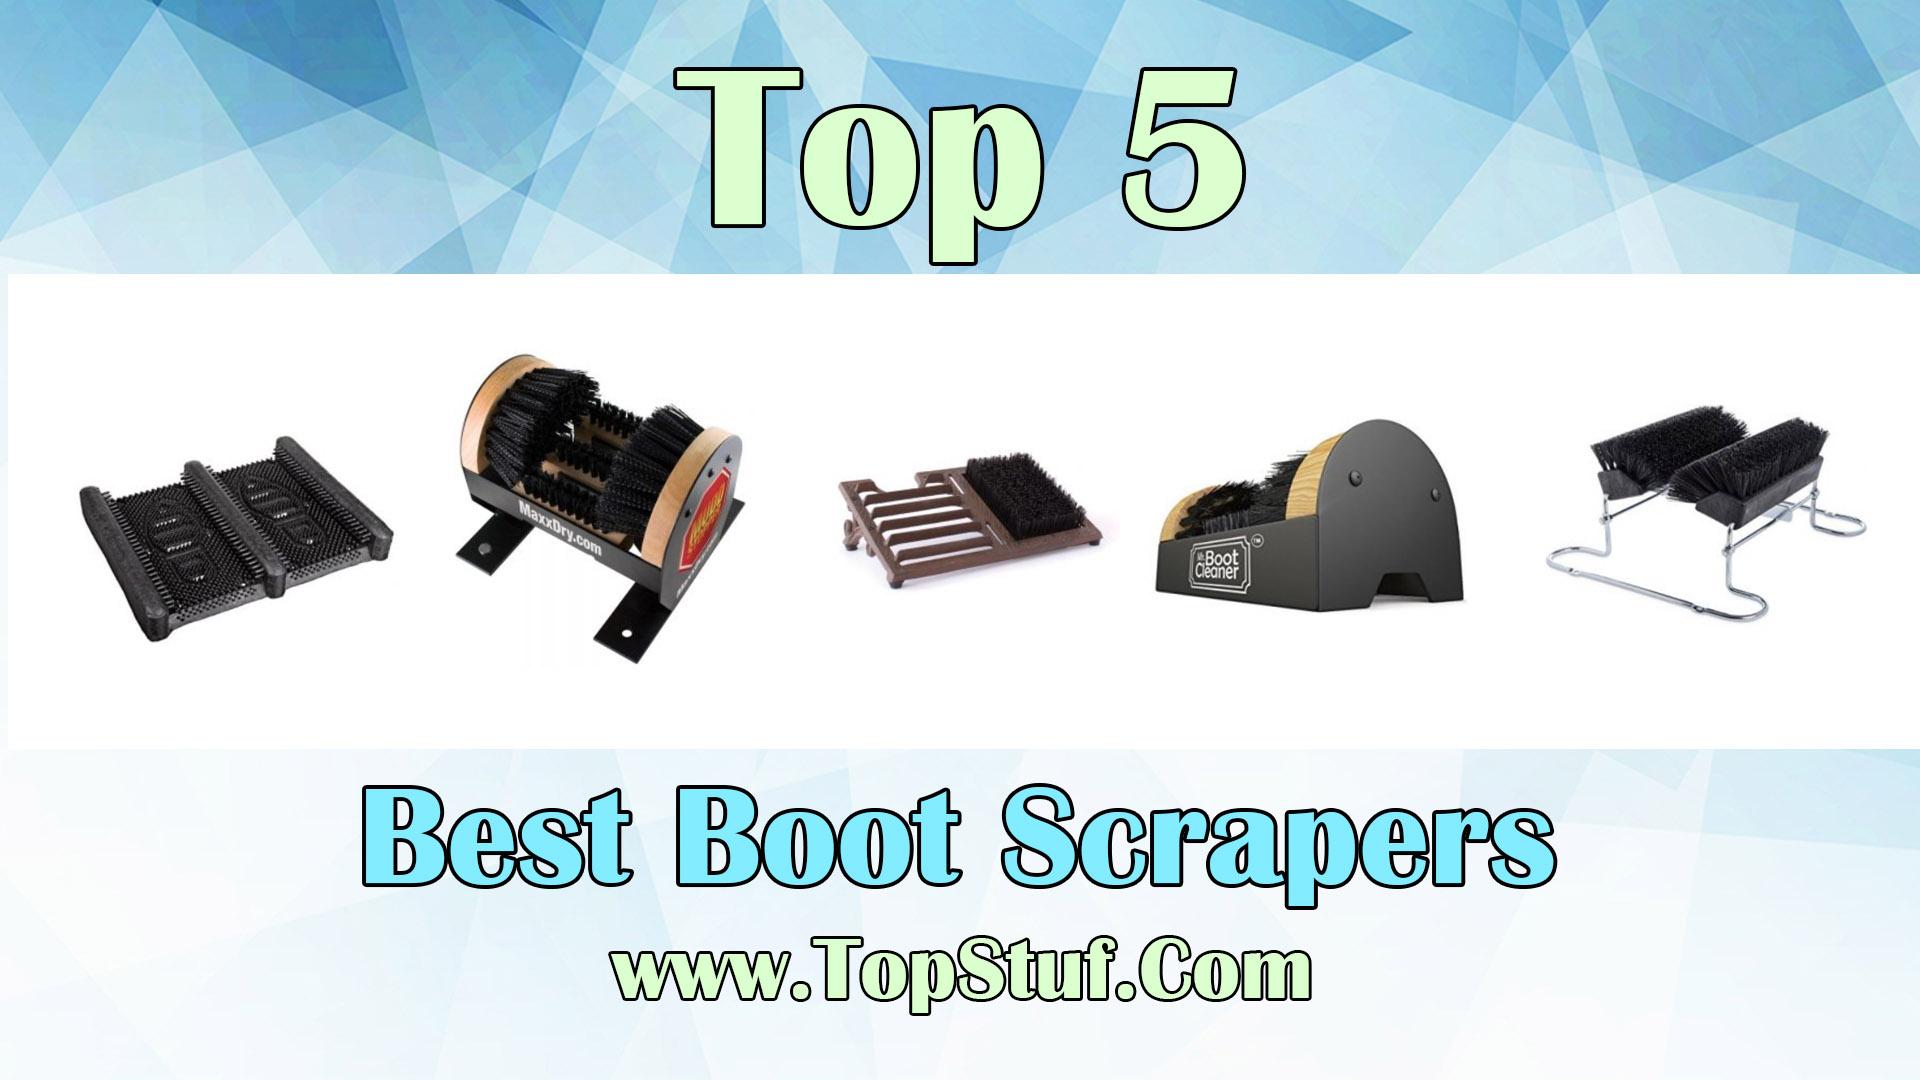 Best Boot Scrapers